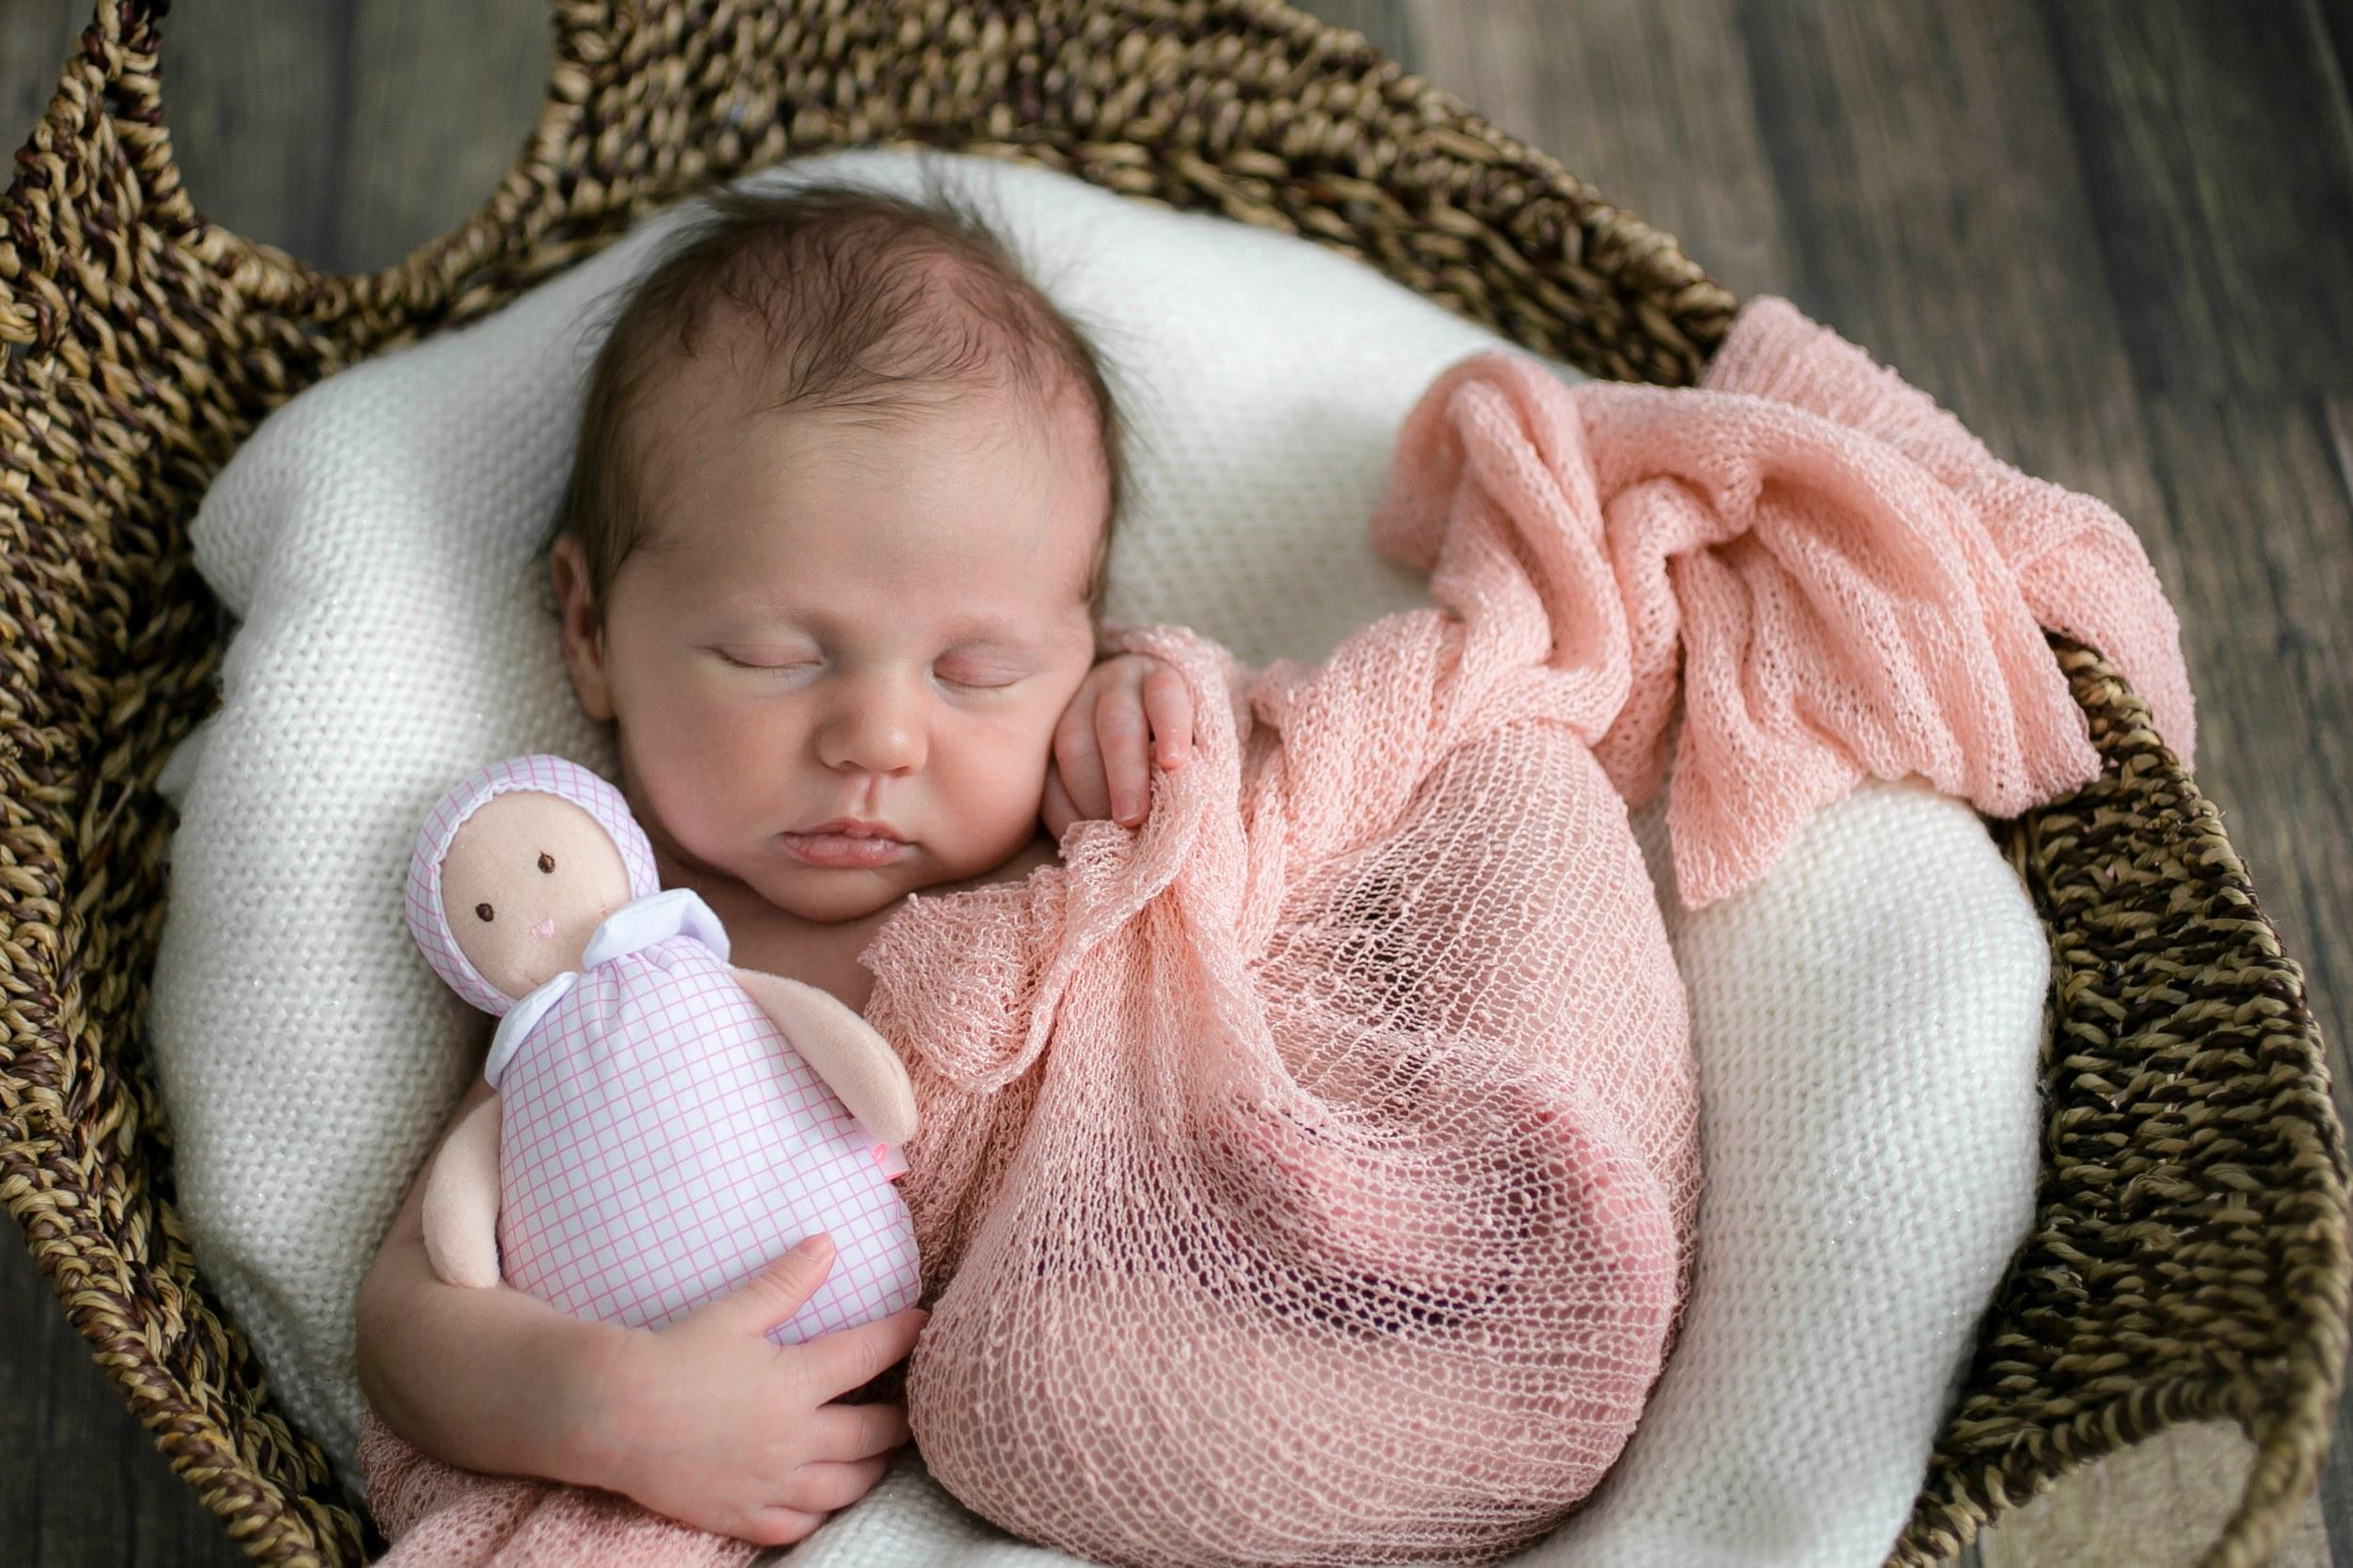 L'accompagnement sommeil bébé paris et Ile de france vous permettra de mieux comprendre les besoins en sommeil de votre bébé et de l'accompagner vers un sommeil de meilleure qualité.